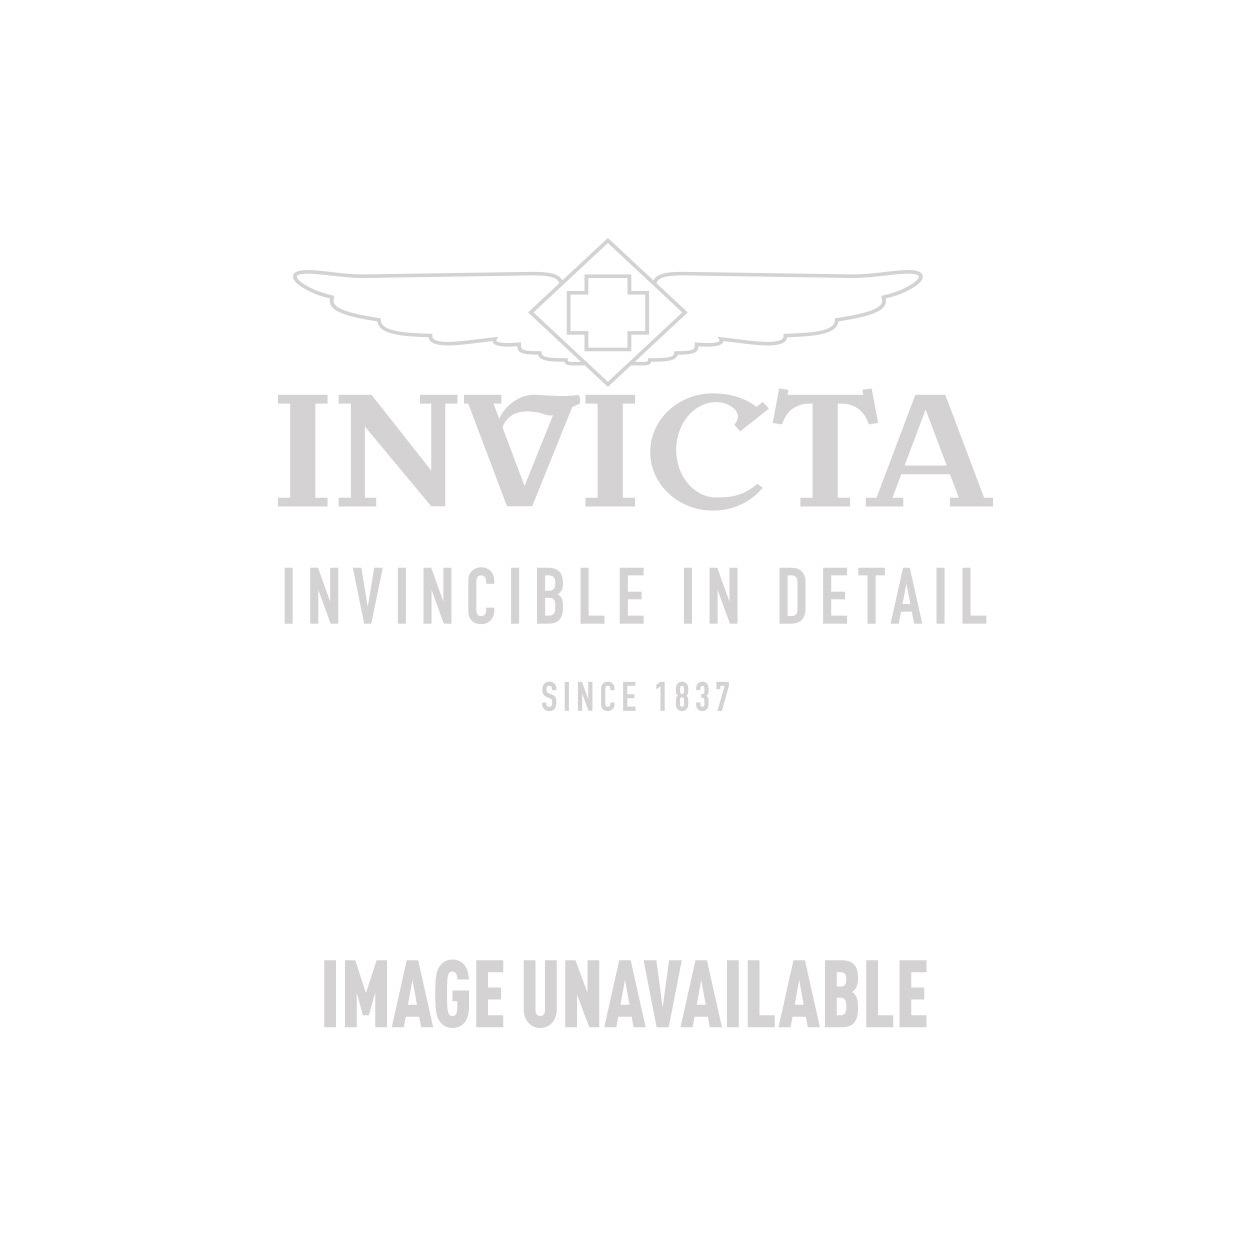 Invicta Model 27419